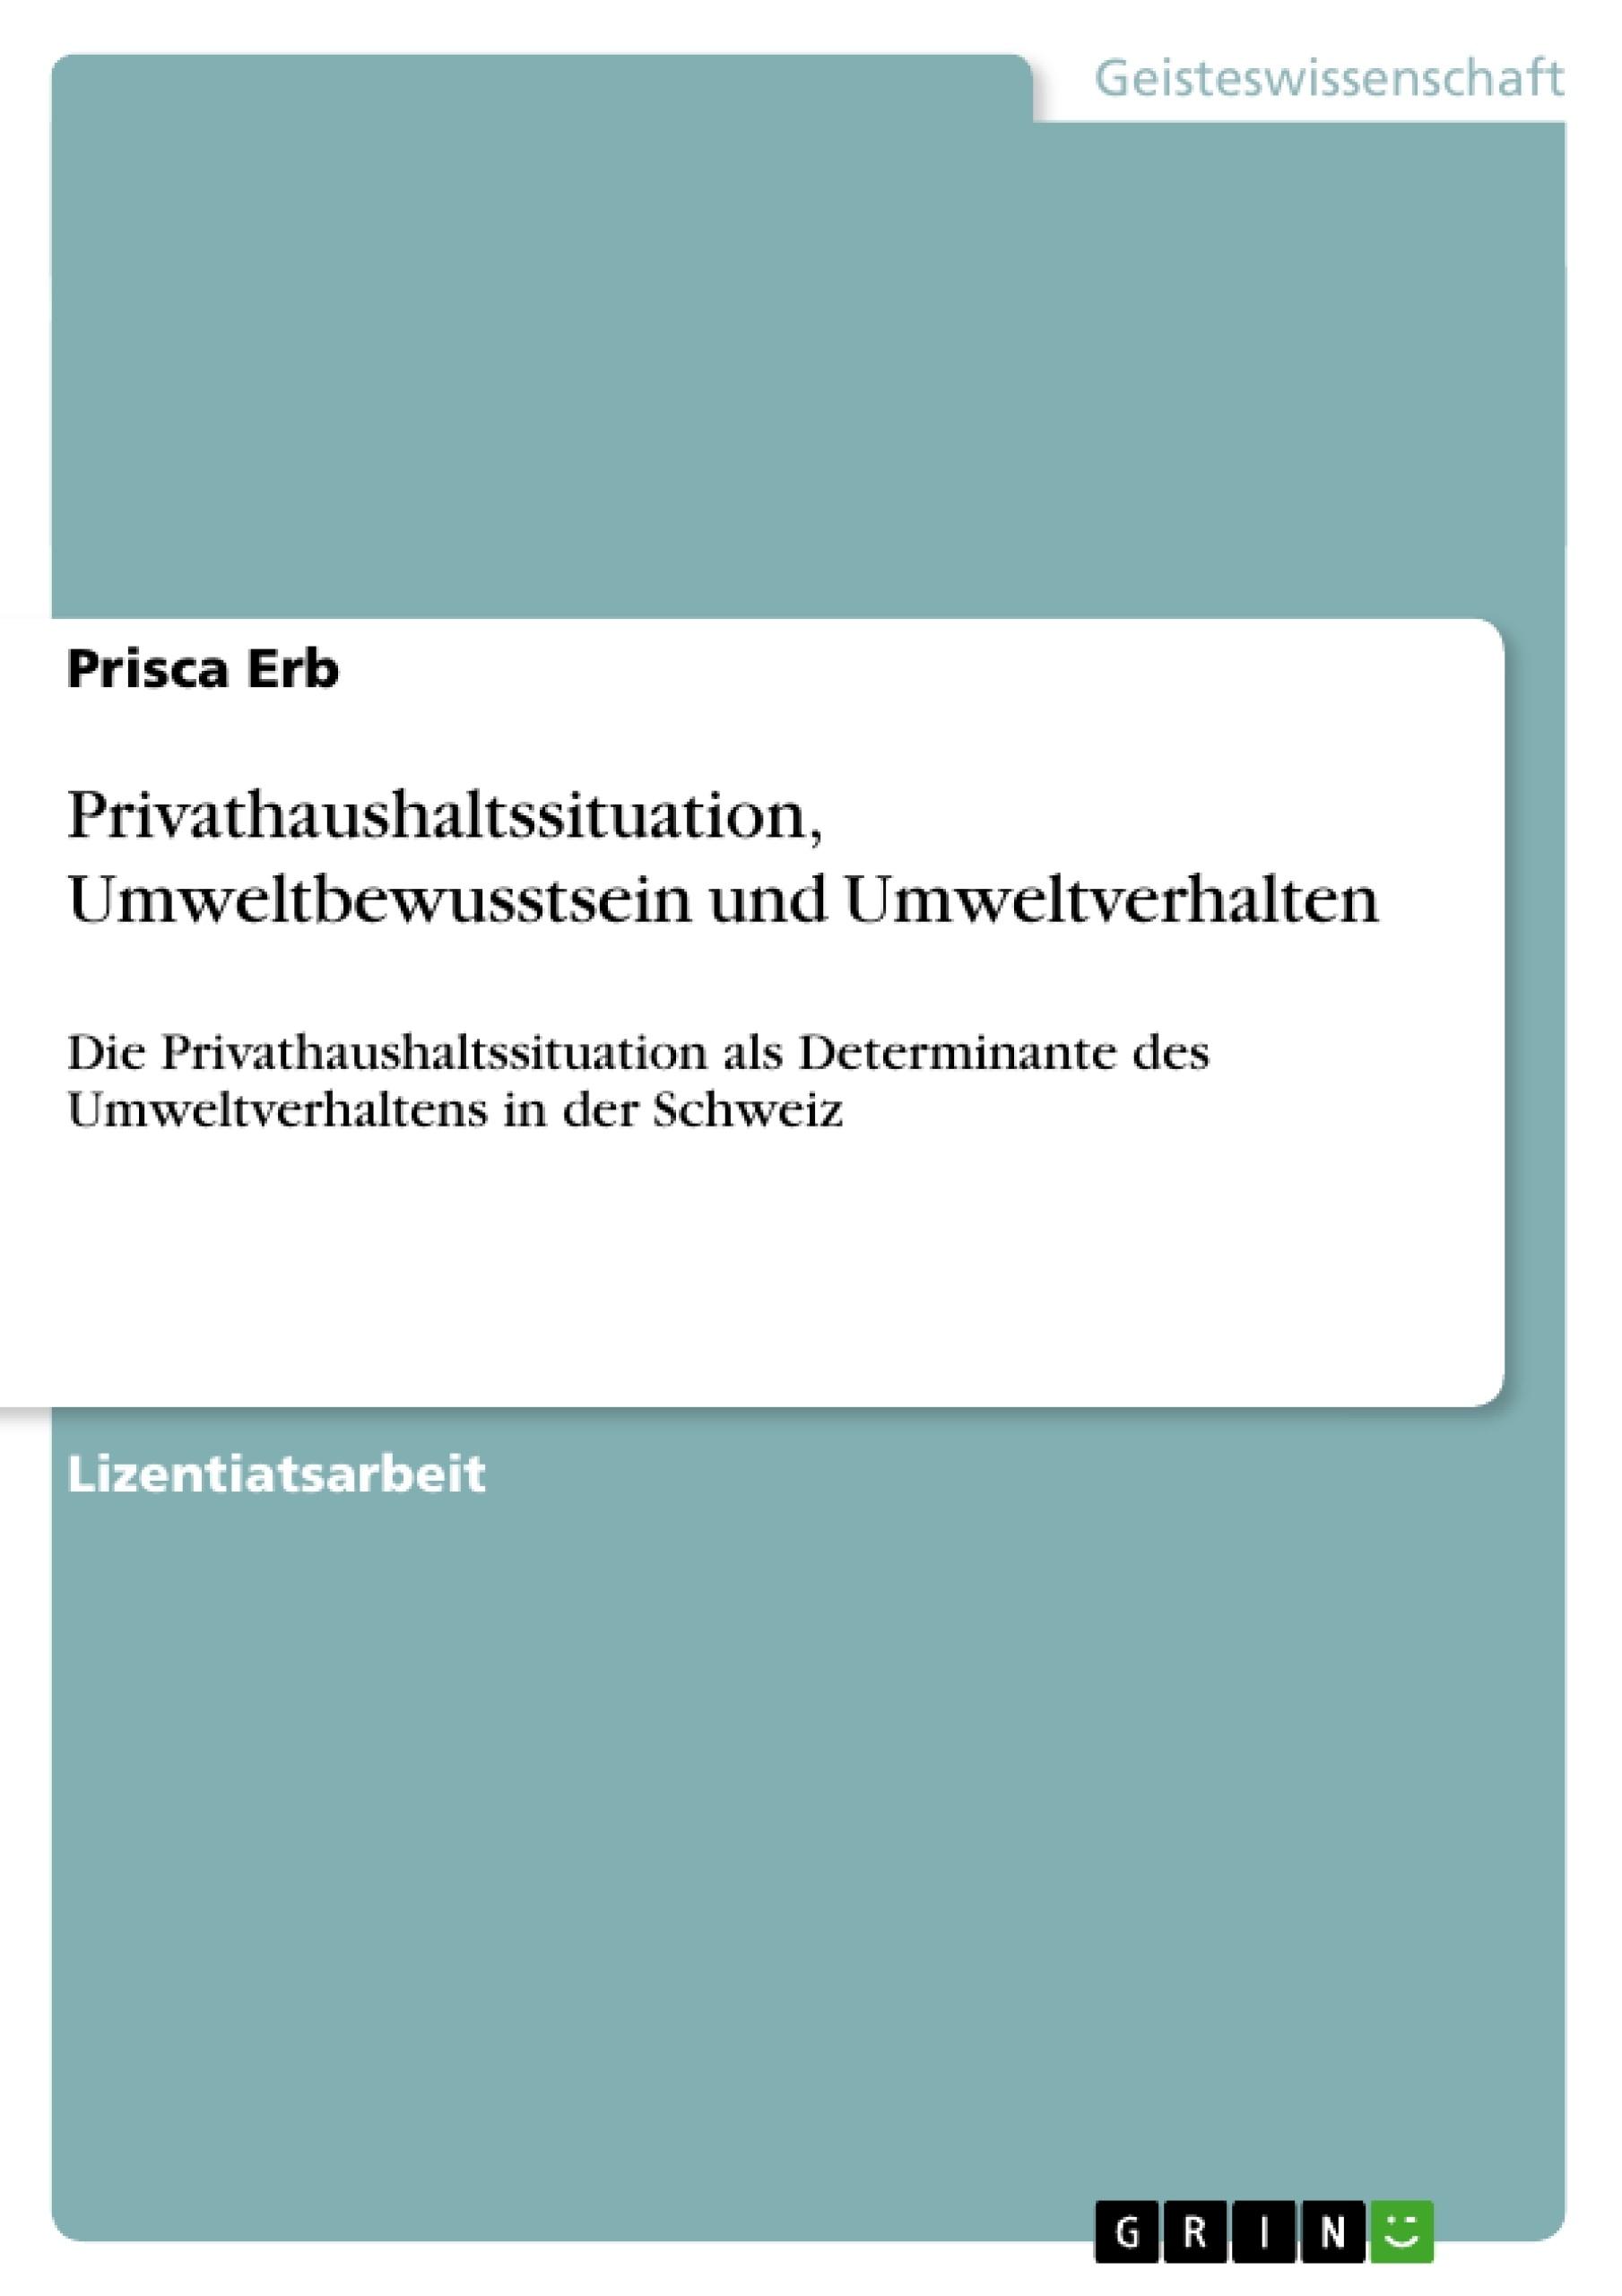 Titel: Privathaushaltssituation, Umweltbewusstsein und Umweltverhalten